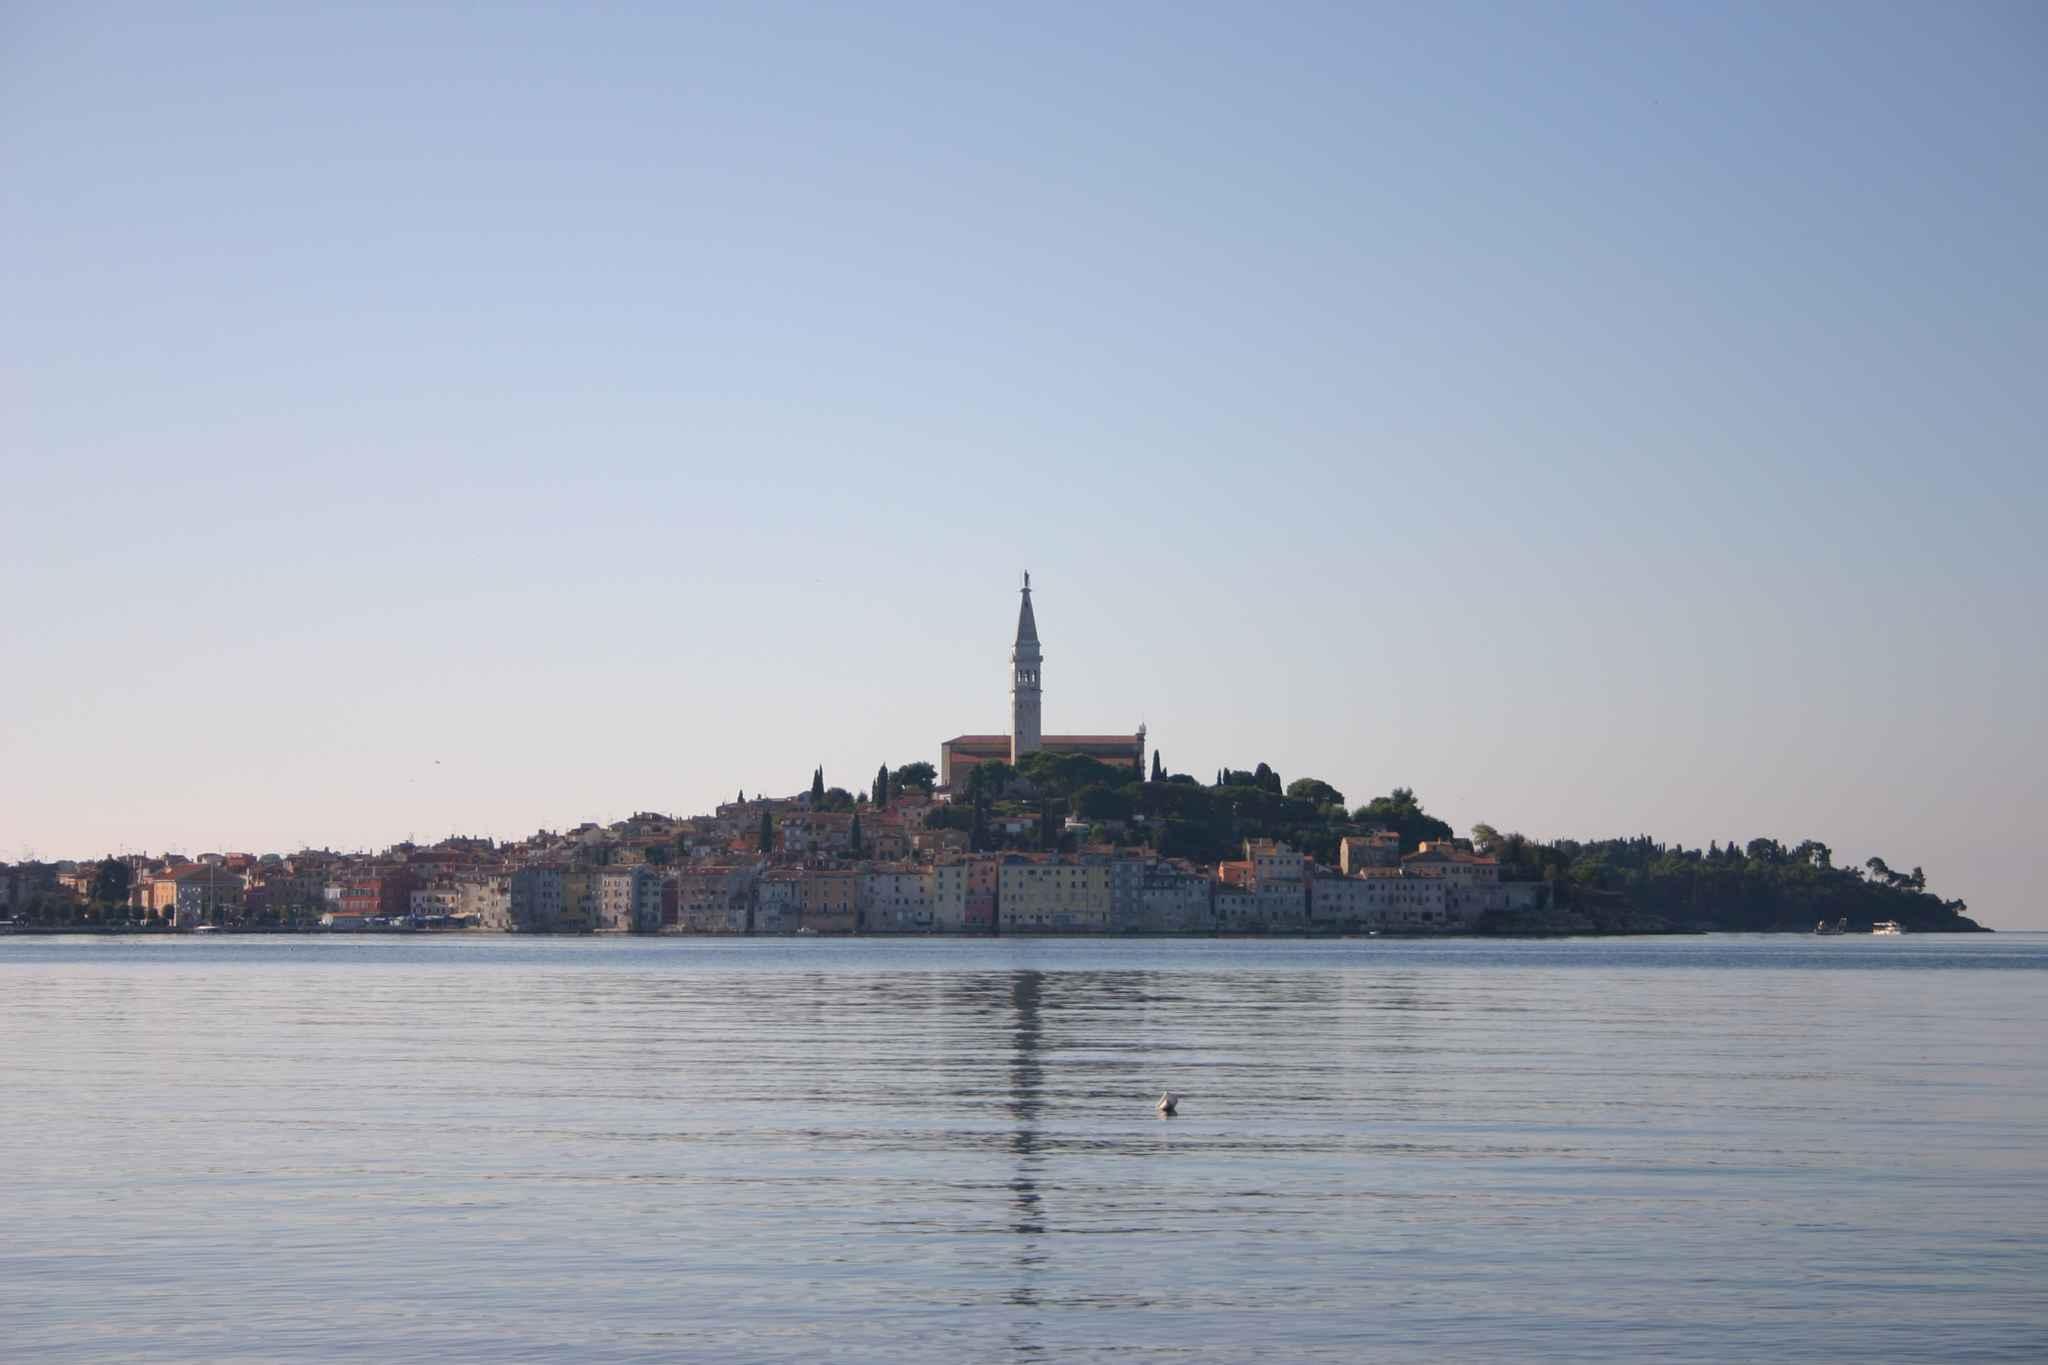 Ferienwohnung 200 m zur Adria (281024), Rovinj, , Istrien, Kroatien, Bild 11